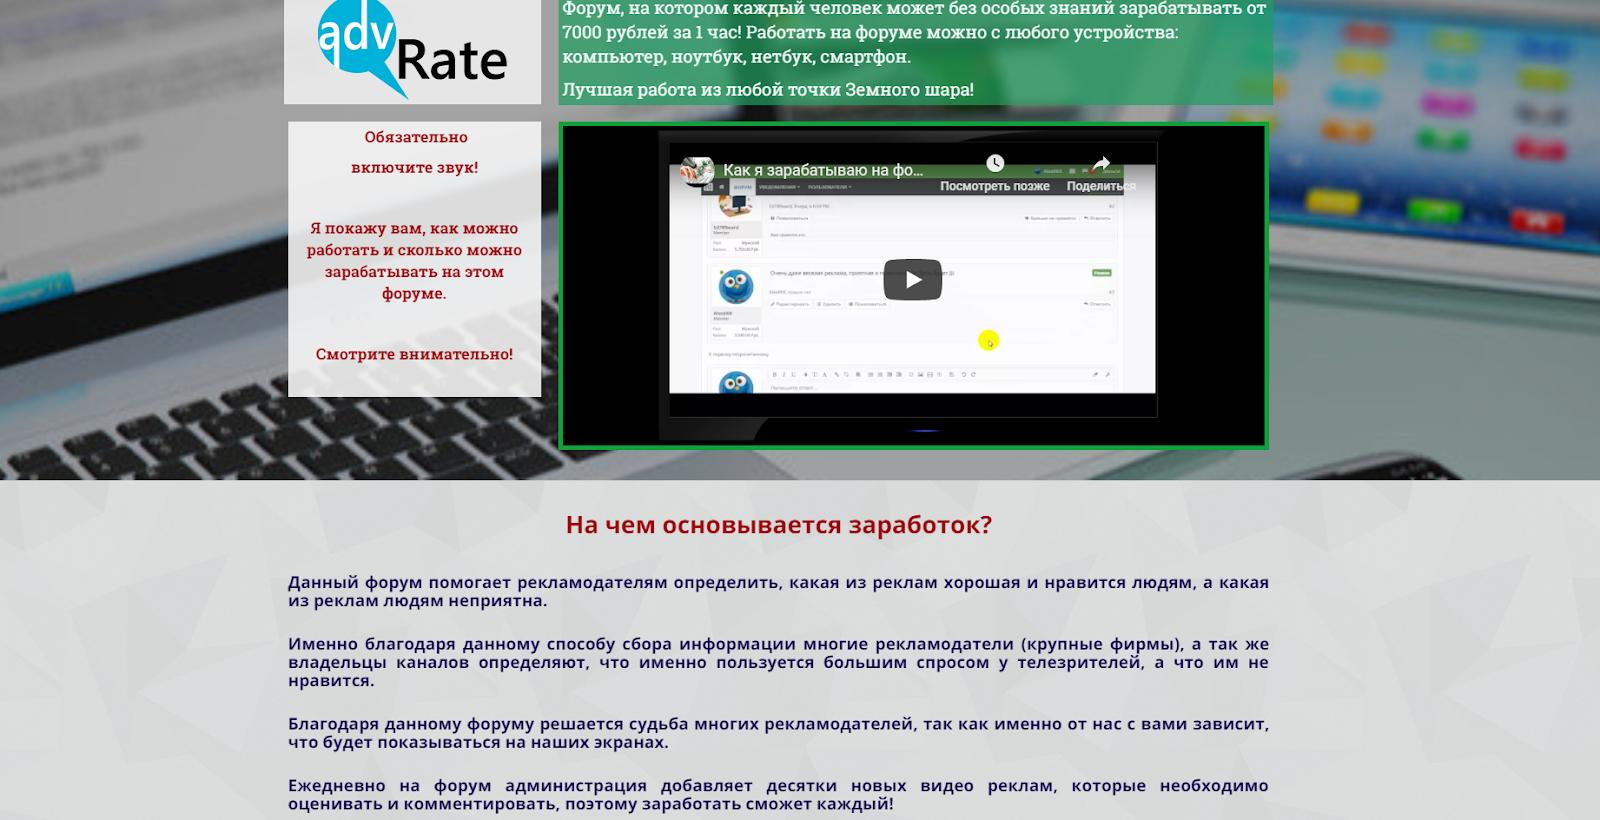 Форум заработать интернете как делать ставки в букмекерских конторах для новичков